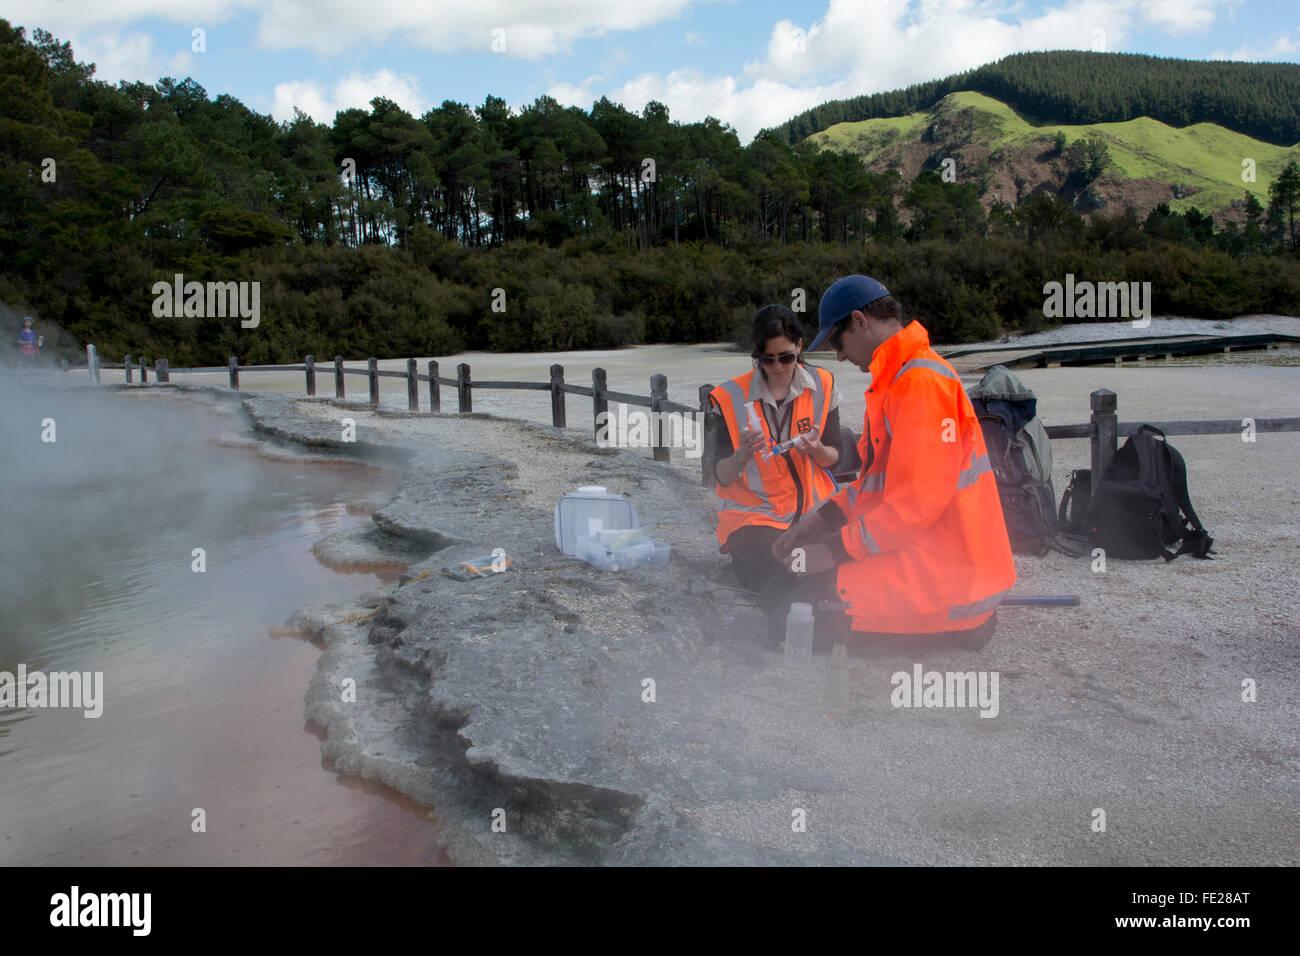 GNS Wissenschaftler Matt Stott und Jean Power Probenahme Mikroorganismen aus der Champagne Pool im Bereich Wai-O-Tapu in Neuseeland. Stockfoto